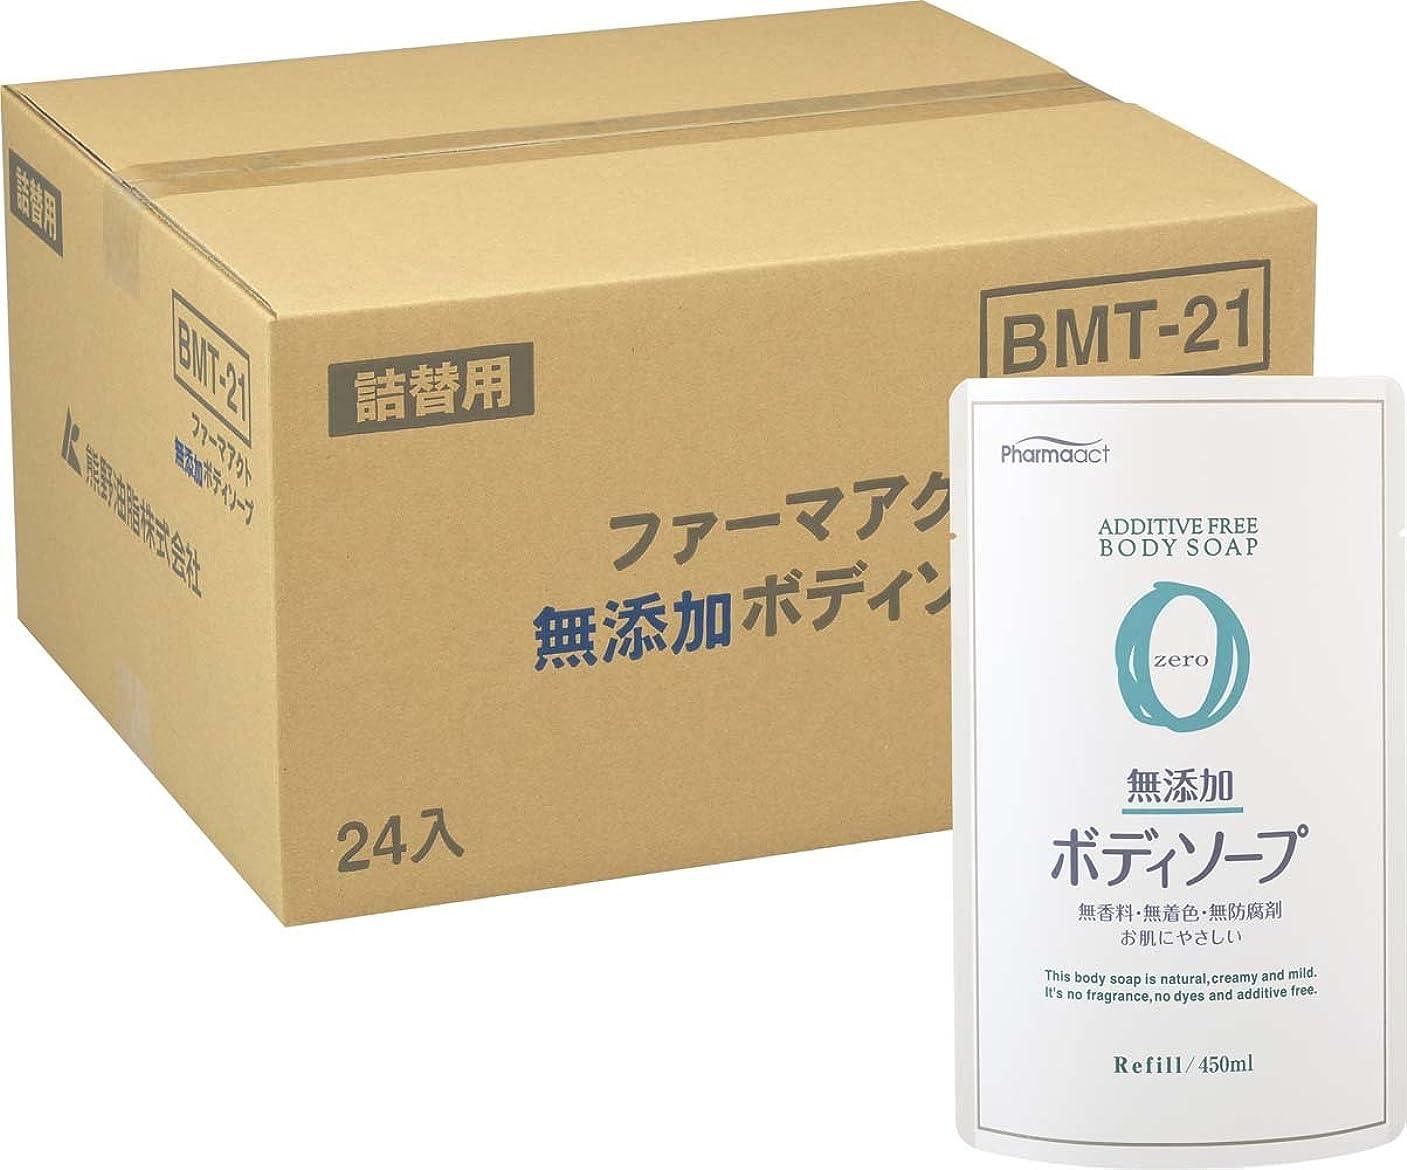 連想保有者クルーズ【ケース販売】ファーマアクト 無添加ボディソープ詰替用 450ml×24個入